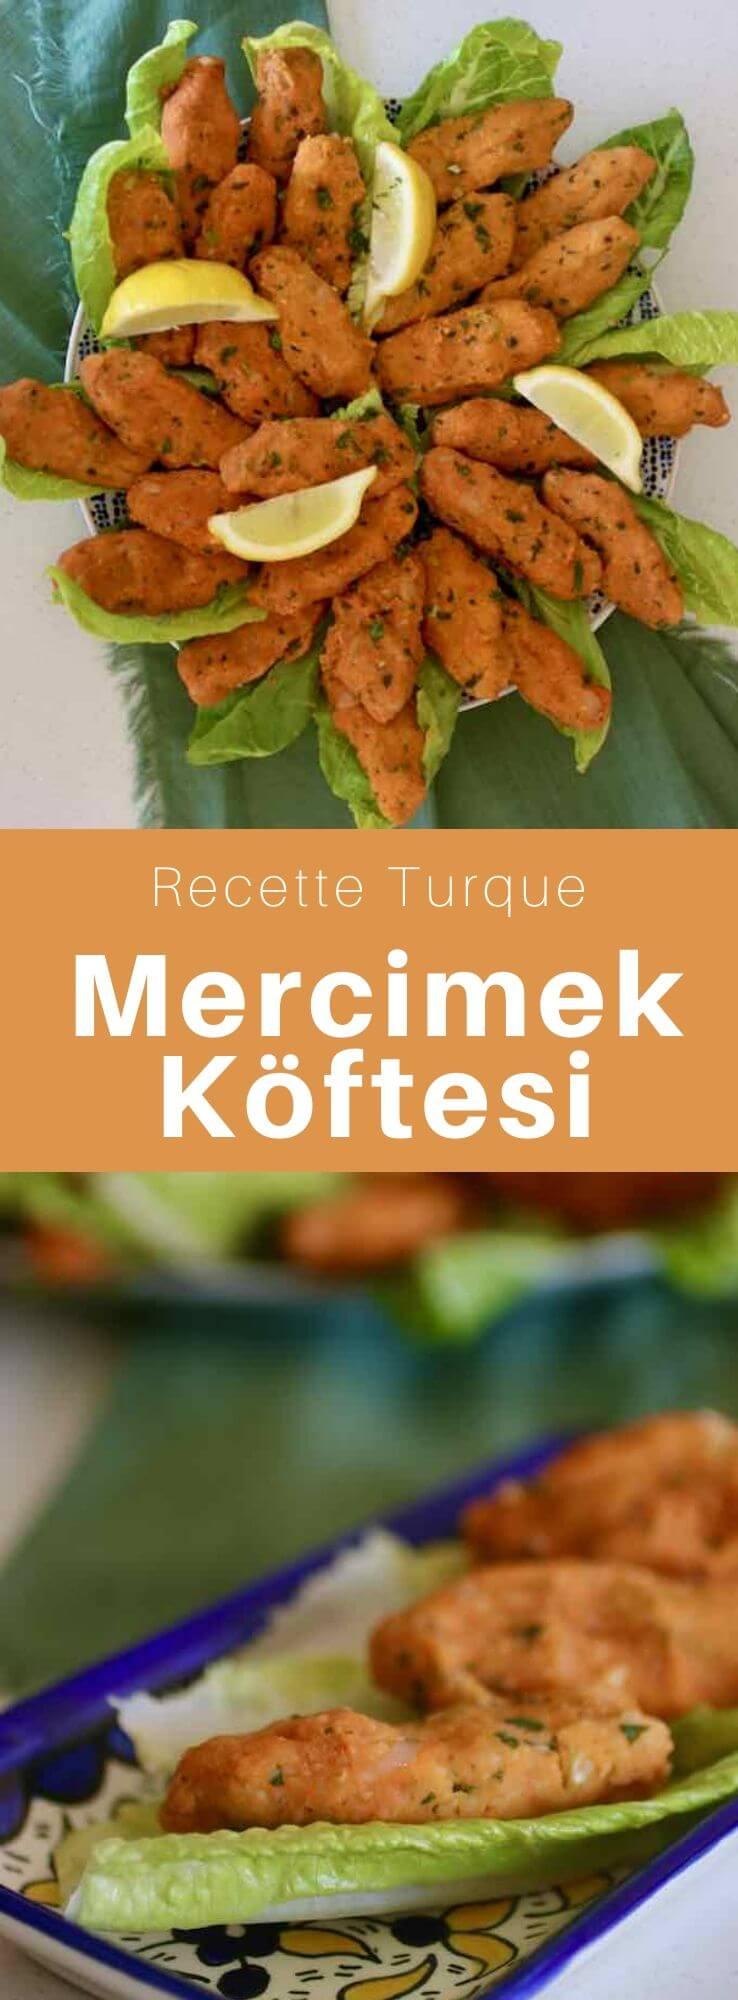 Les mercimek köftesi, un des mezzé les plus populaires de la table turque, sont des boulettes végétaliennes composées de lentilles corail et de boulgour. #Turquie #RecetteTurque #CuisineTurque #CuisineDuMonde #196flavors